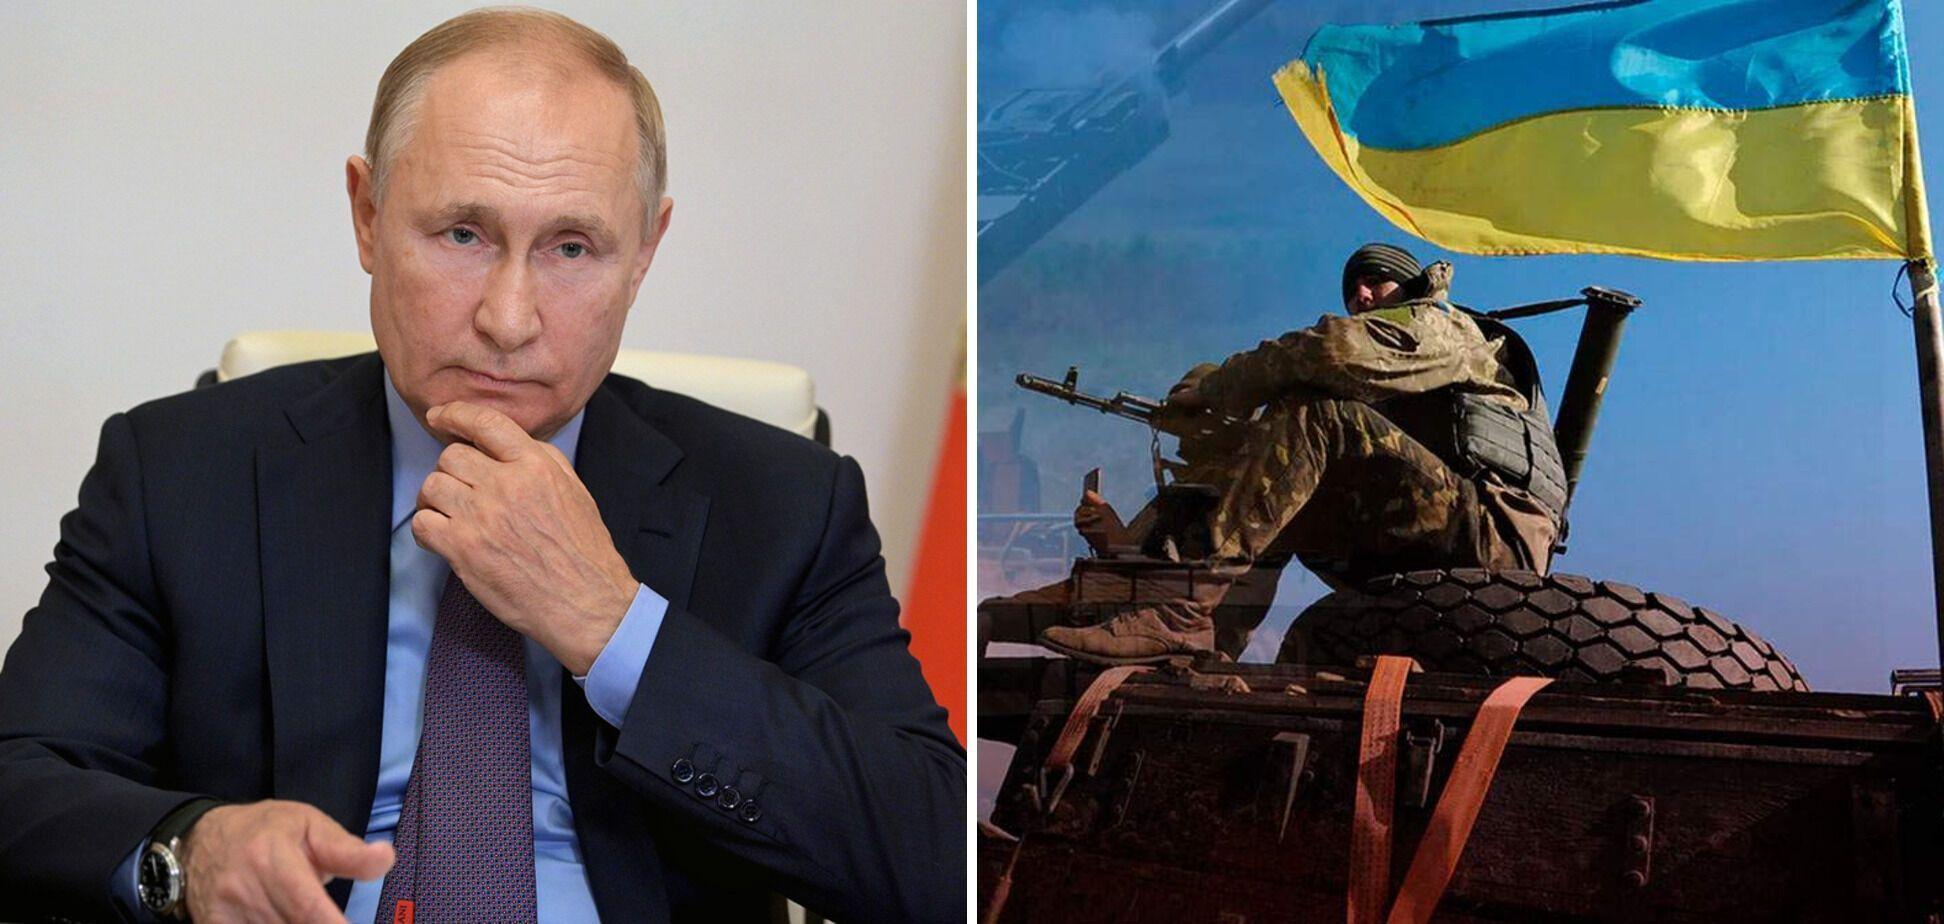 С 2014 по 2021 год жертвами российской агрессии стали около 41-44 тысяч человек